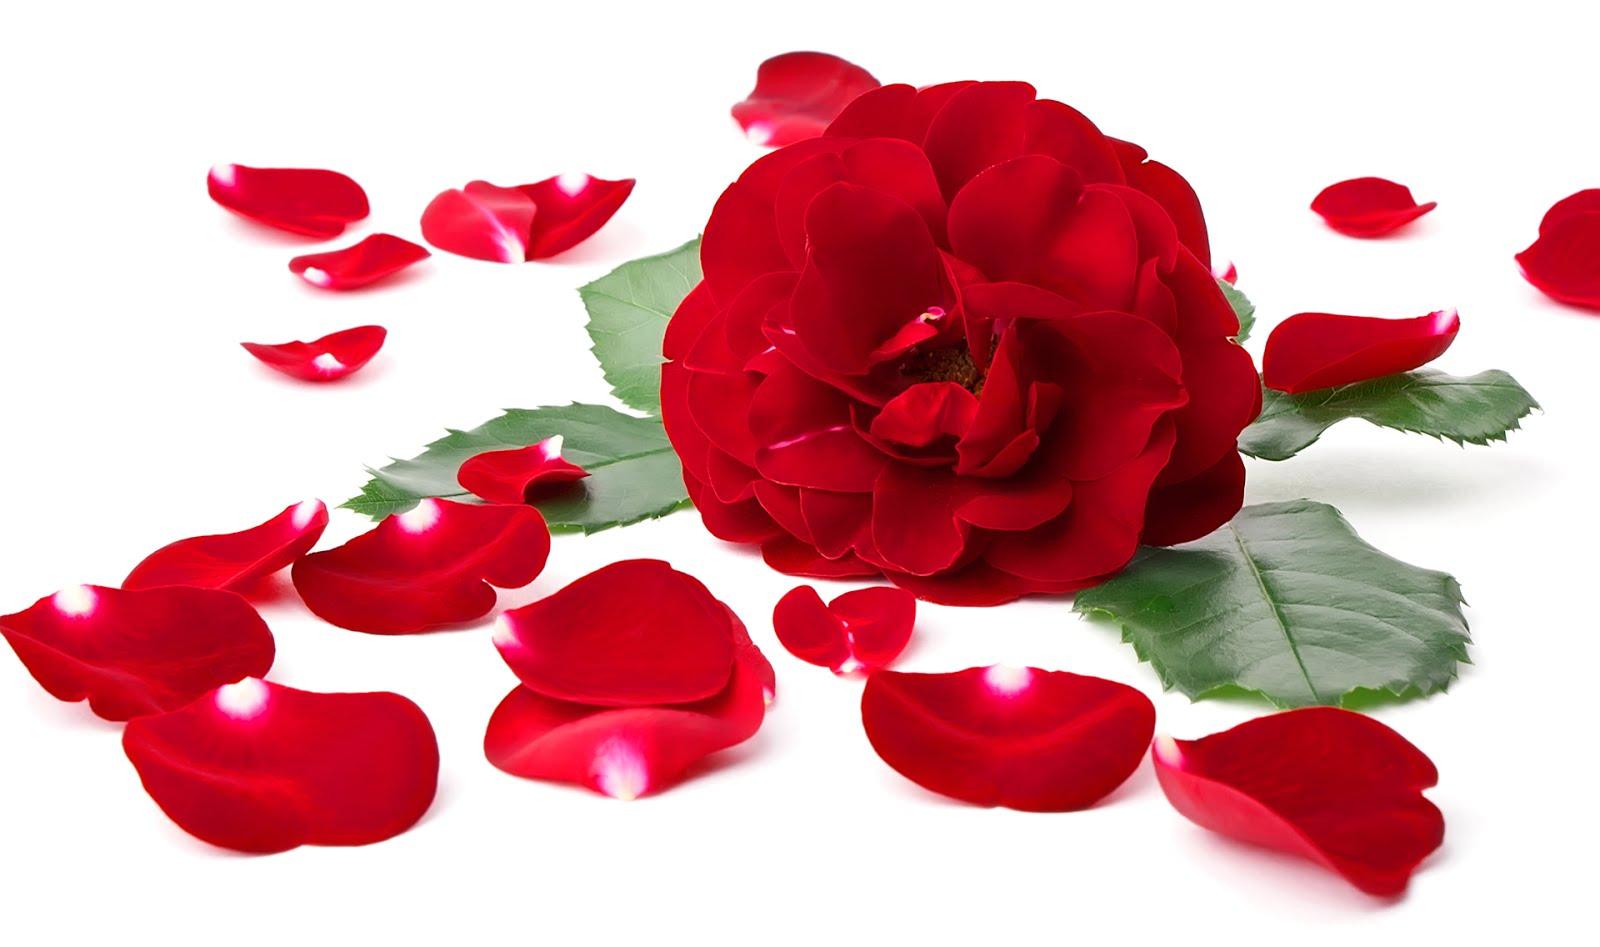 imagenes-de-amor-para-el-14-de-febrero-dia-de-san-valentin-amor-y